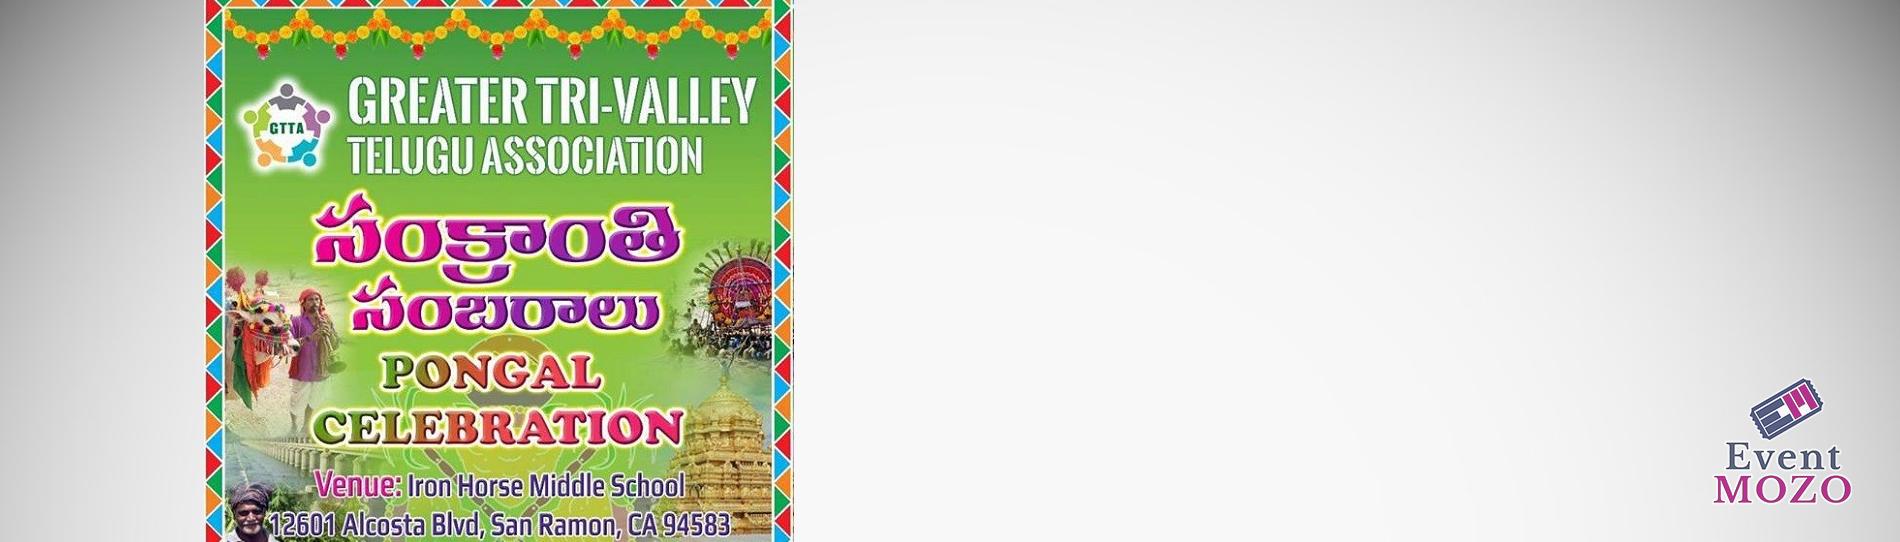 EventMozo Telugu Sankranthi Sambaralu - Pongal Celebration 2018